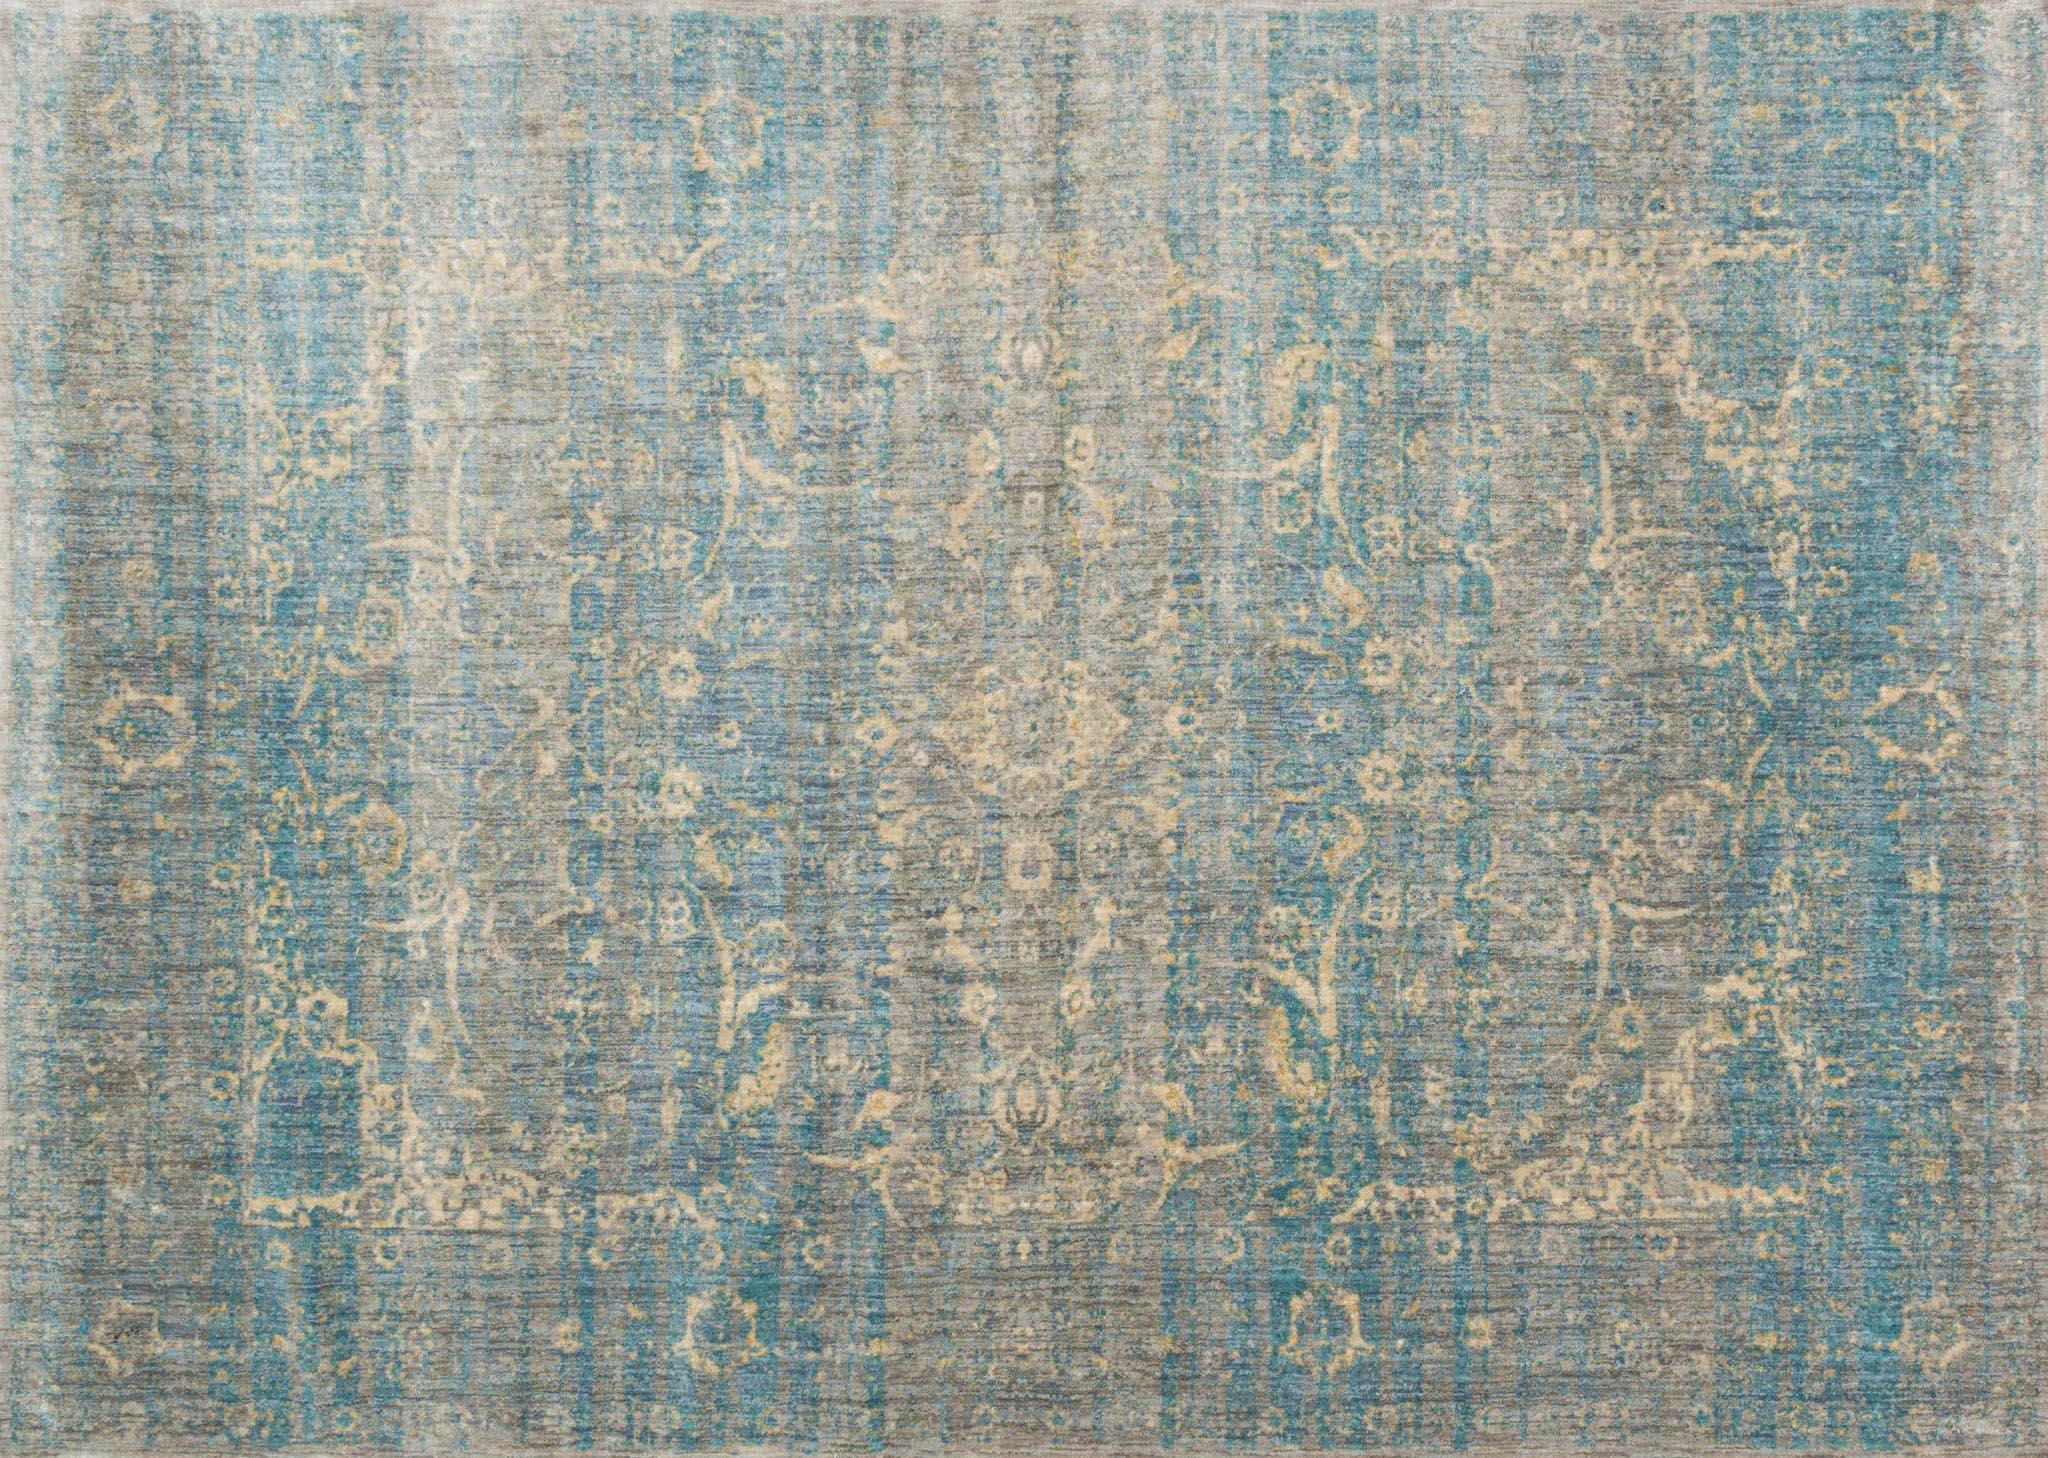 Loloi Anastasia Af 10 Light Blue Mist Rug